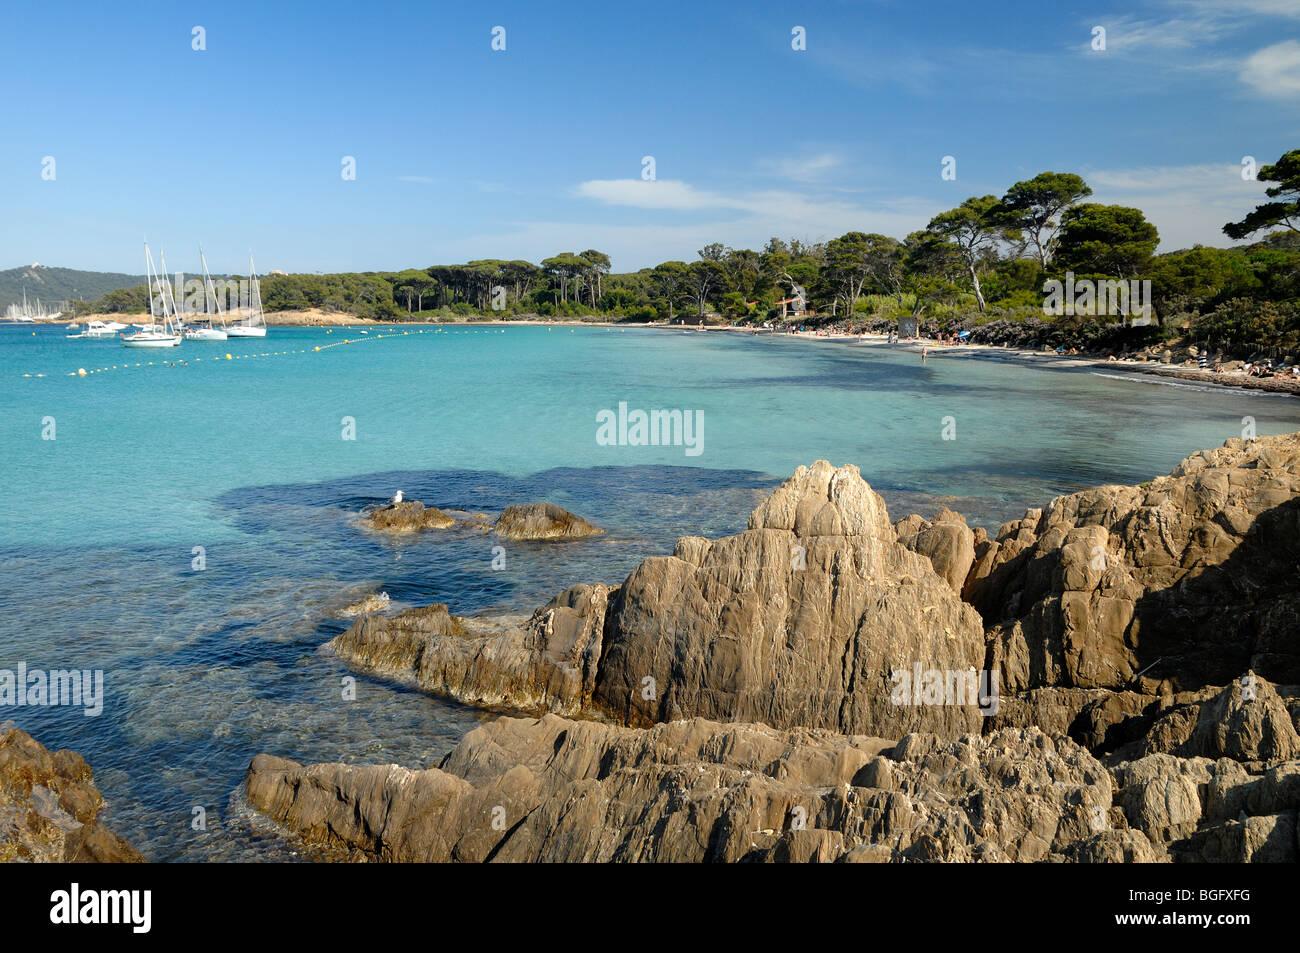 Rocky Seashore of the Plage d'Argent or Beach, Porquerolles Island, Îles Hyères, Var Côte d'Azur - Stock Image